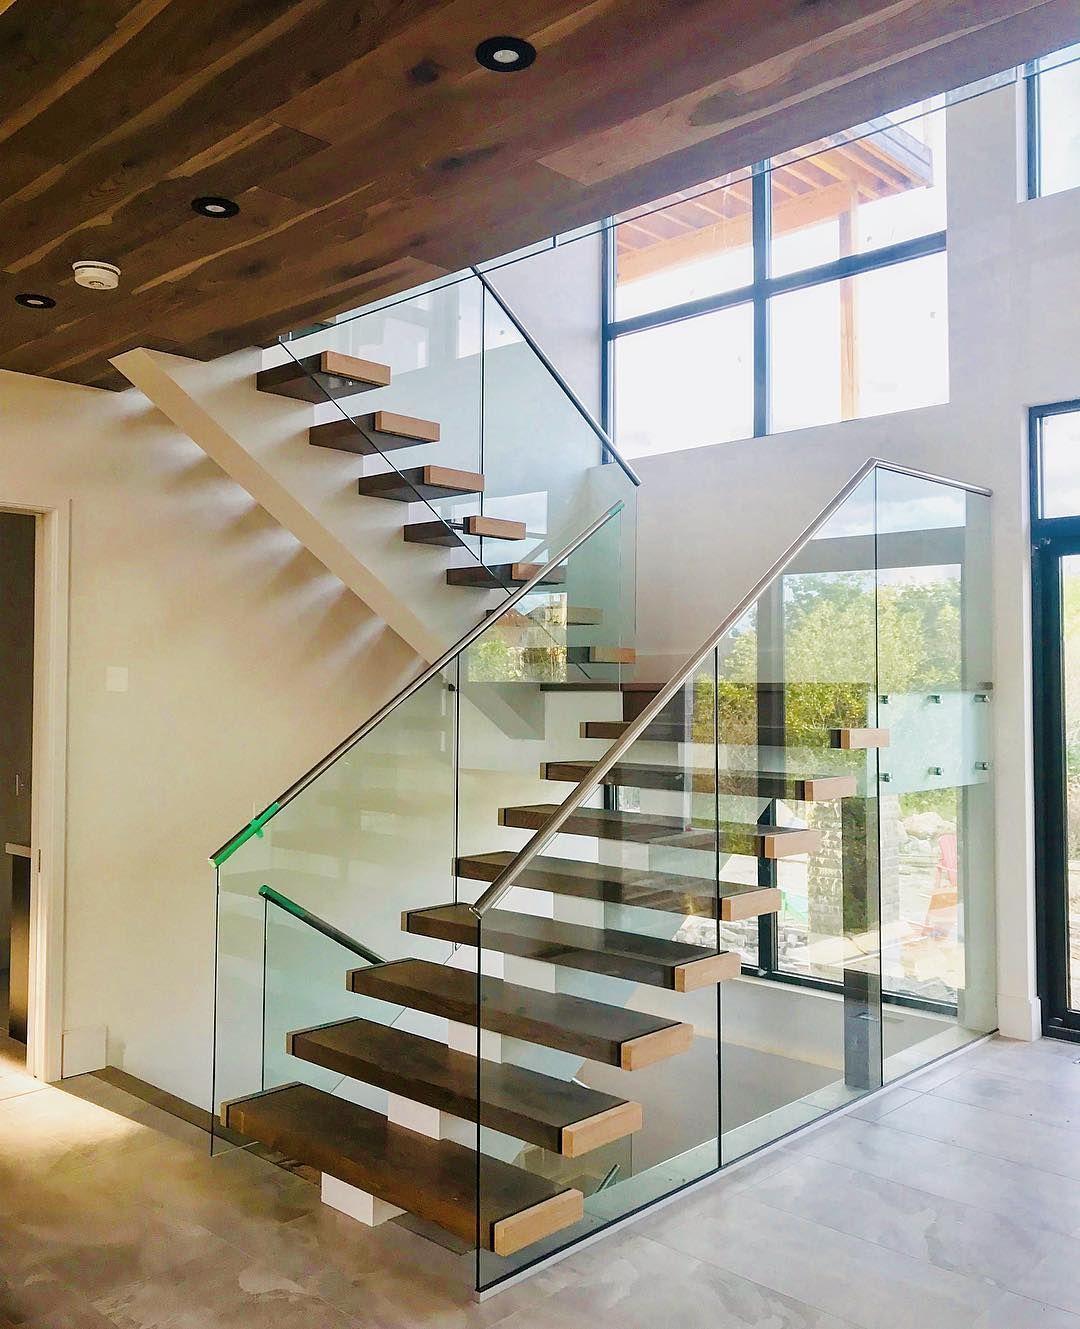 Best 77 Elegant Stock Of Single Stringer Steel Stairs Glass 400 x 300